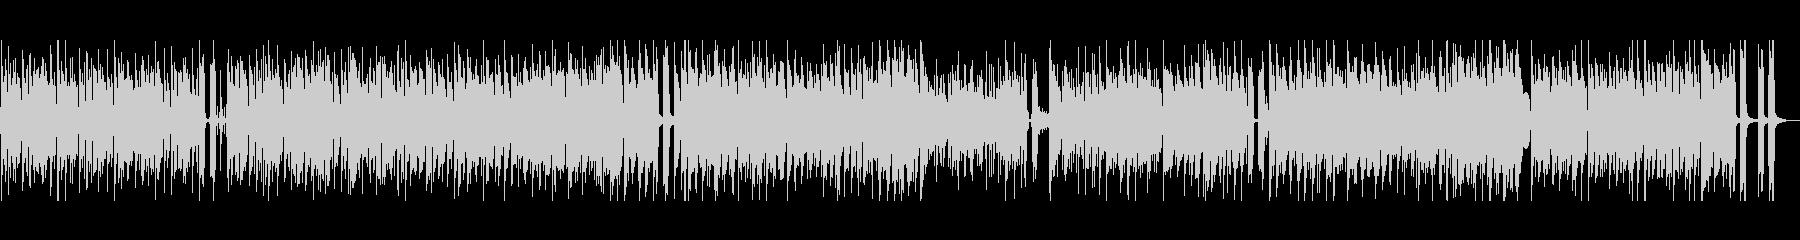 爽やかなボサノバの未再生の波形